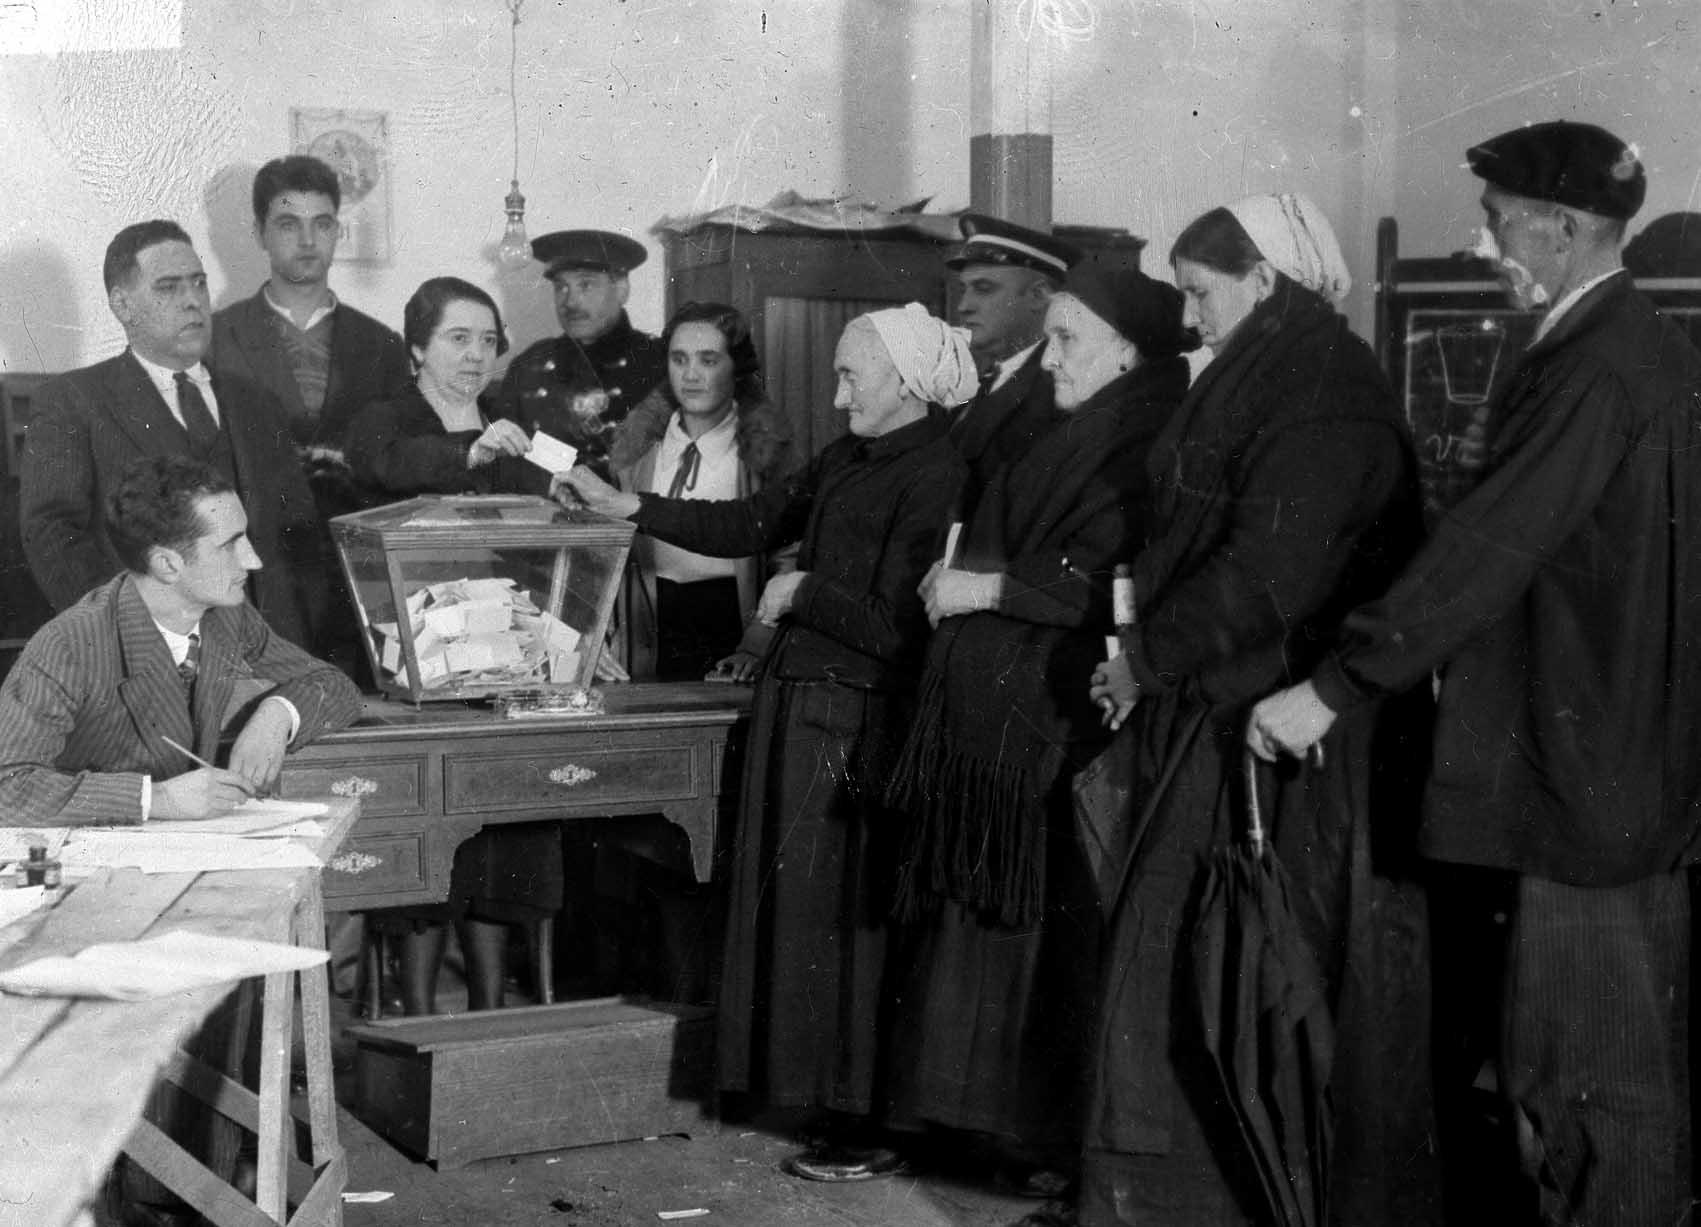 Las mujeres votaron por primera vez en España en 1933, una fiesta de la democracia, y esta vez sí, con sufragio universal.